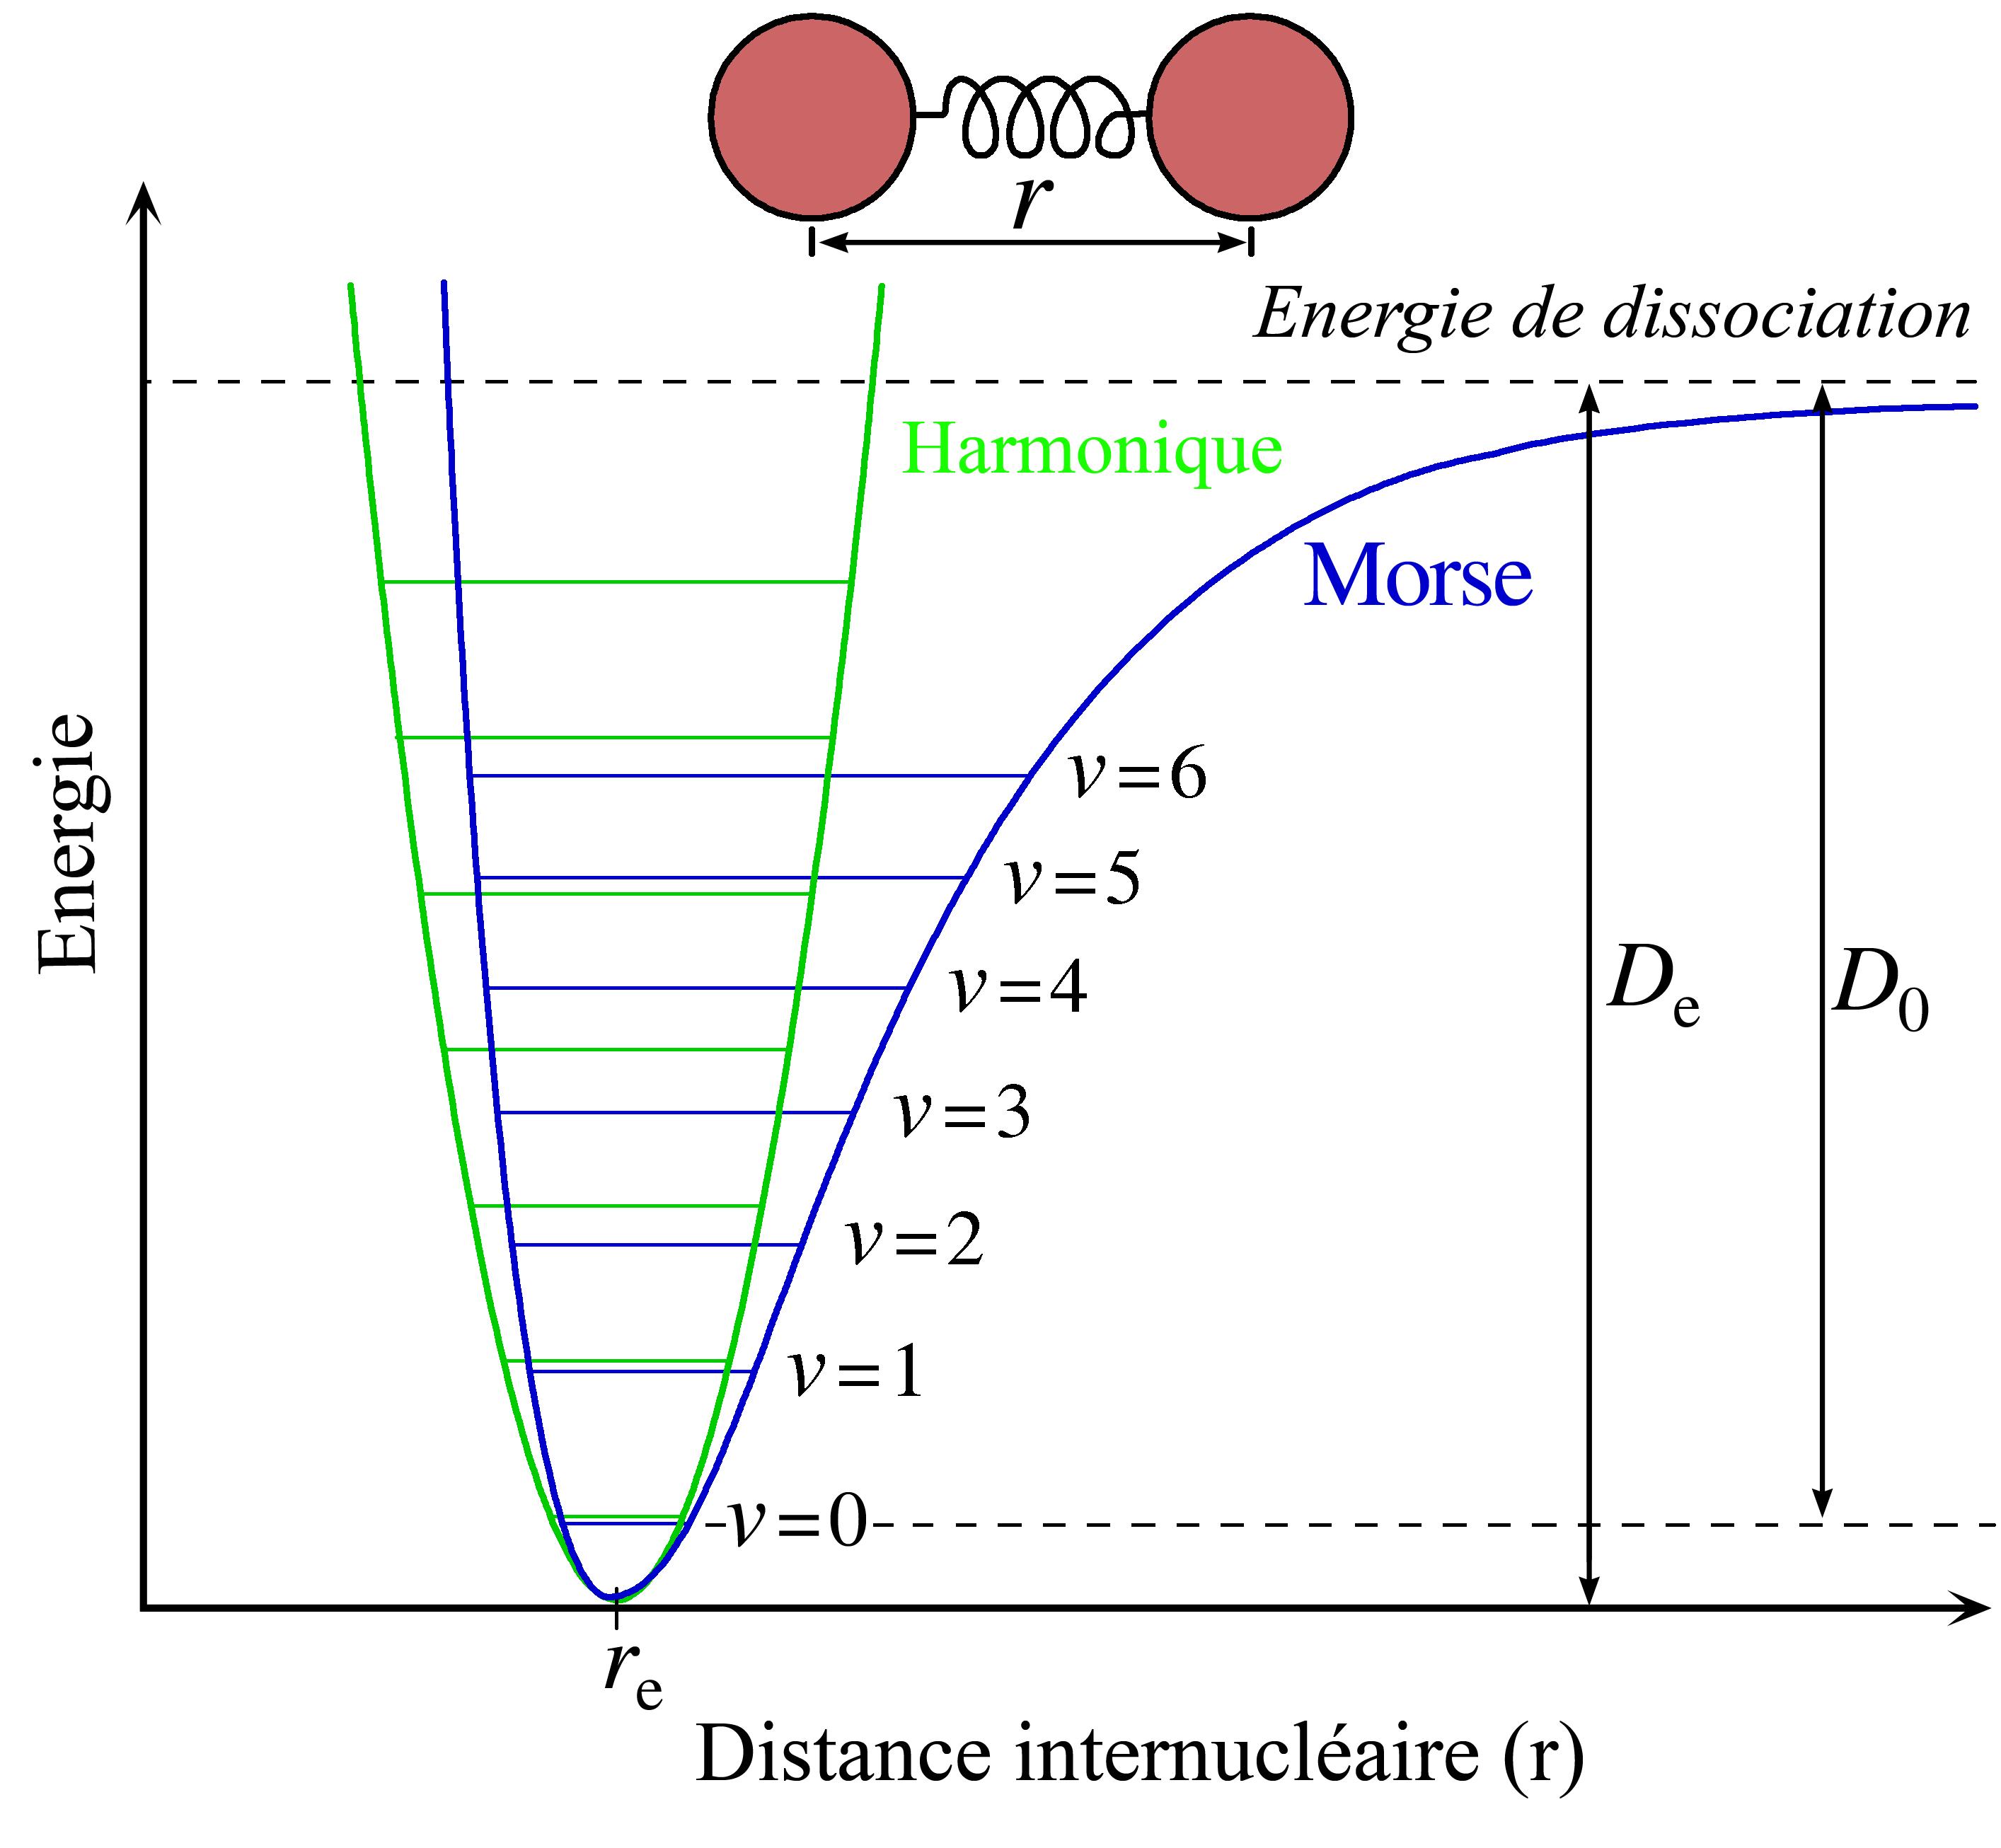 Physique quantique for dummies - Page 18 Morse-potential-fr